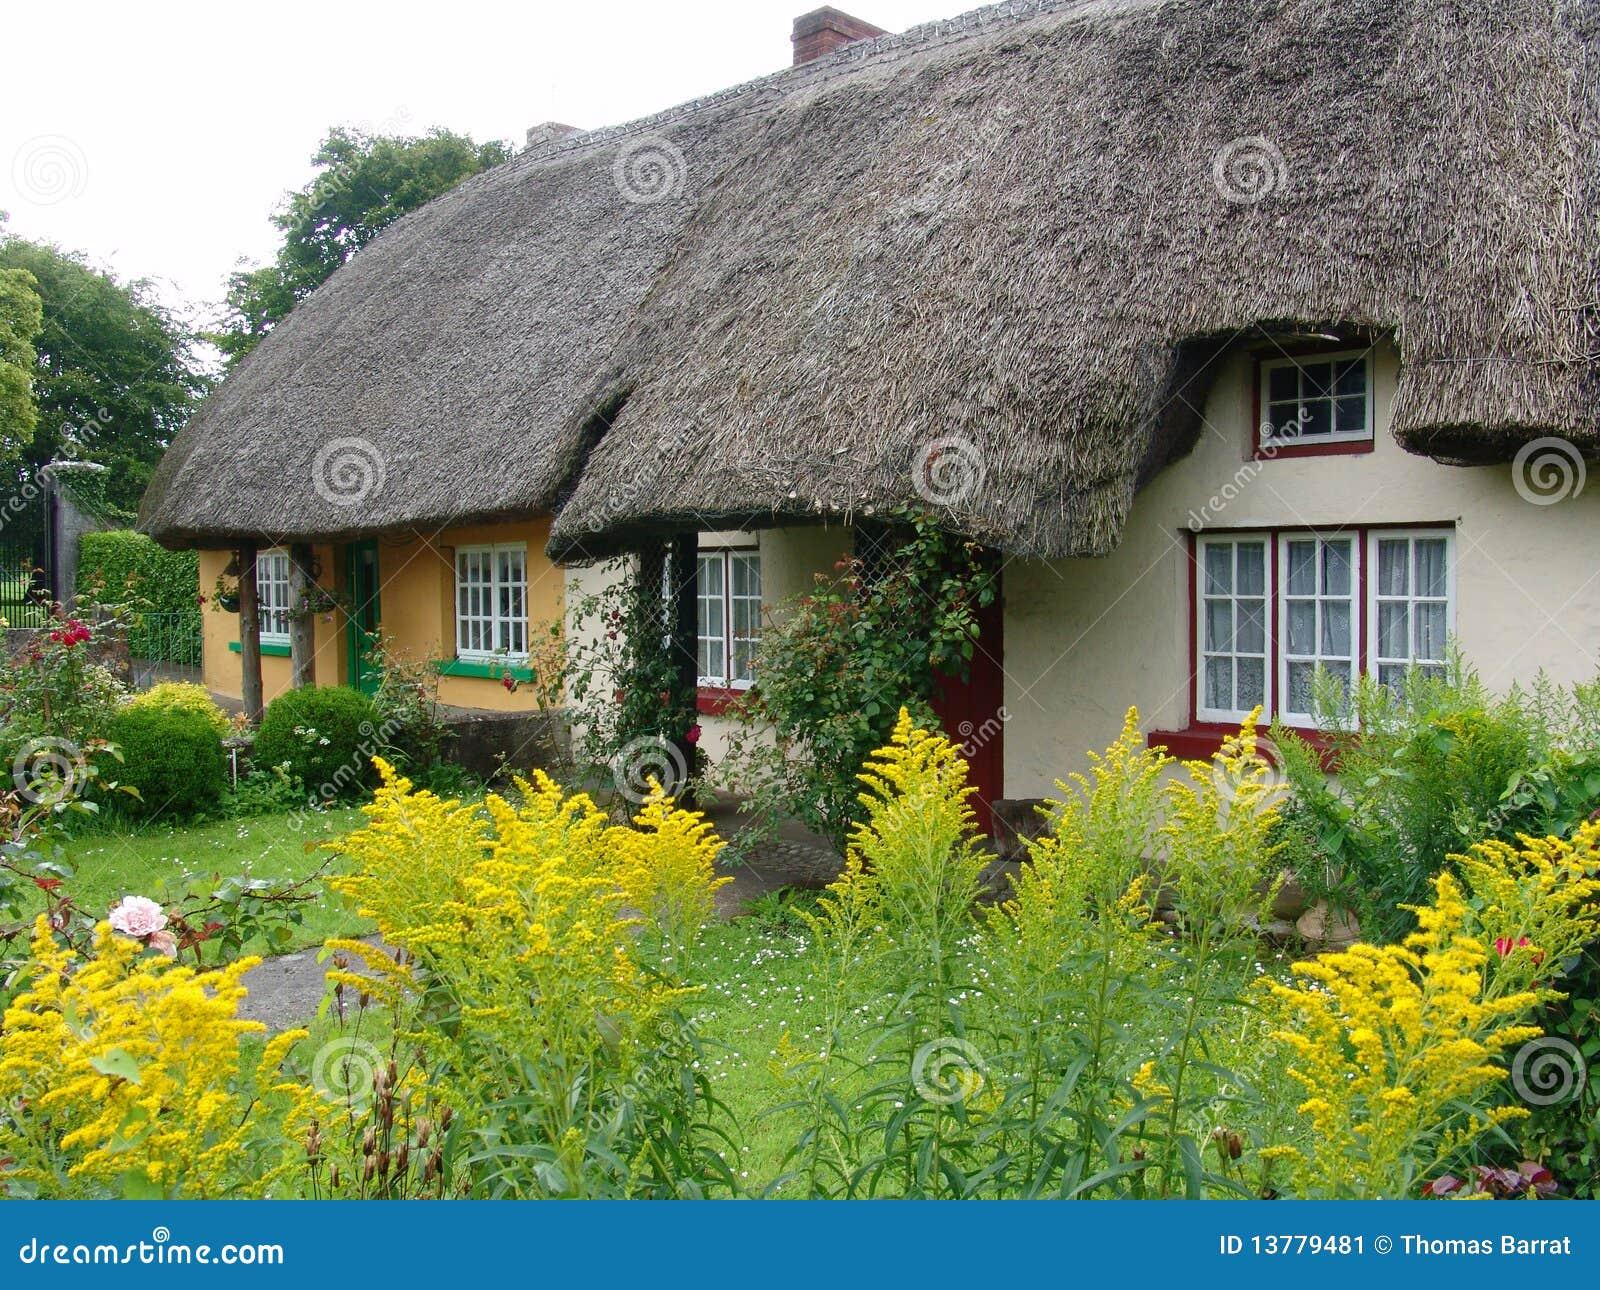 Maison type de toit couvert de chaume en irlande image for Type de toiture maison